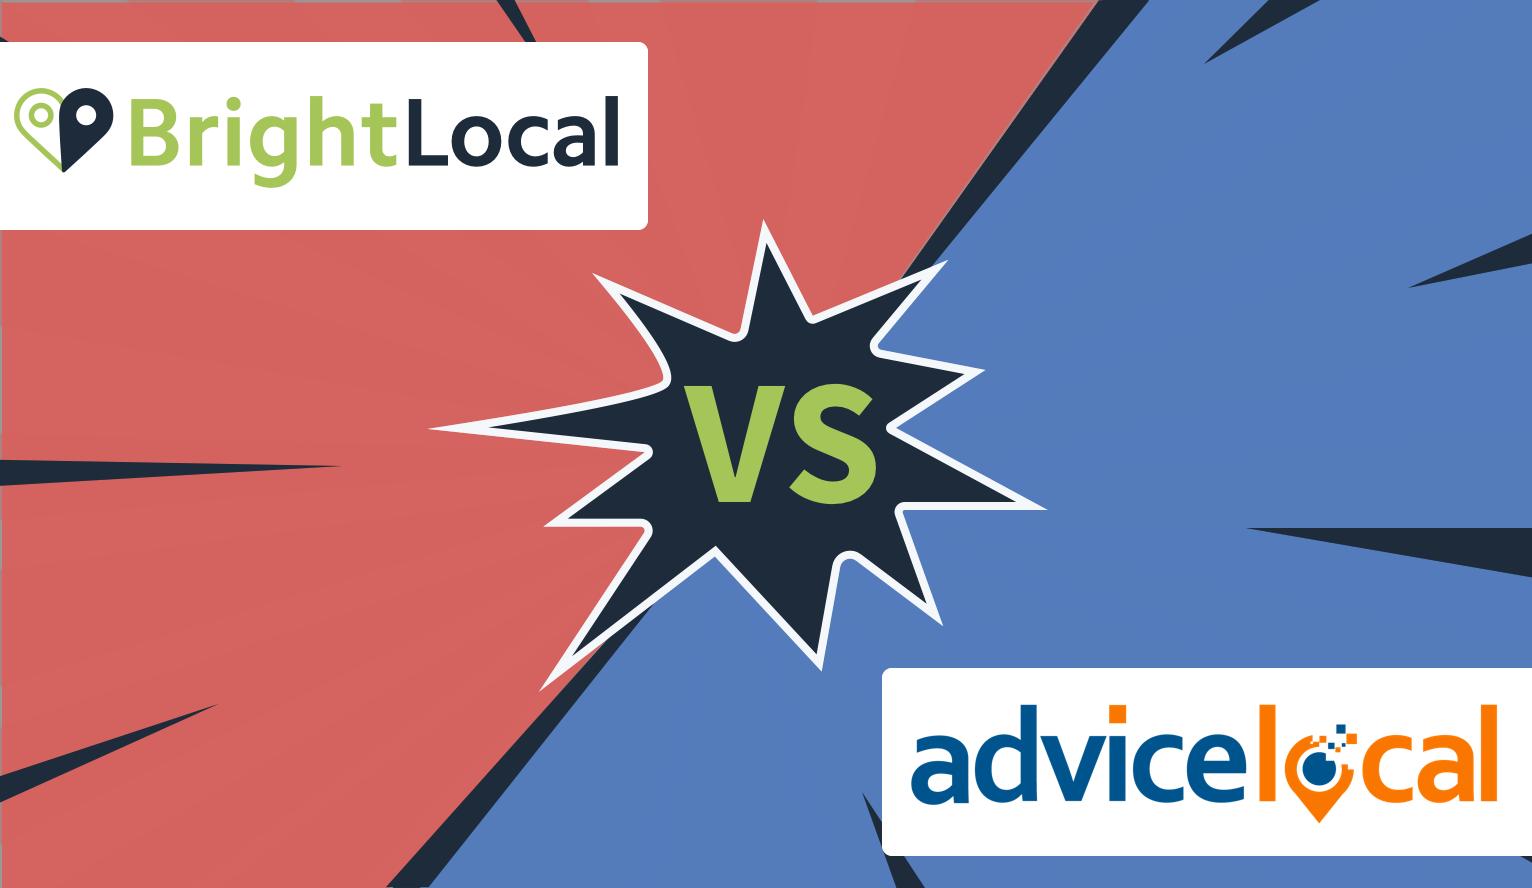 BrightLocal vs AdviceLocal